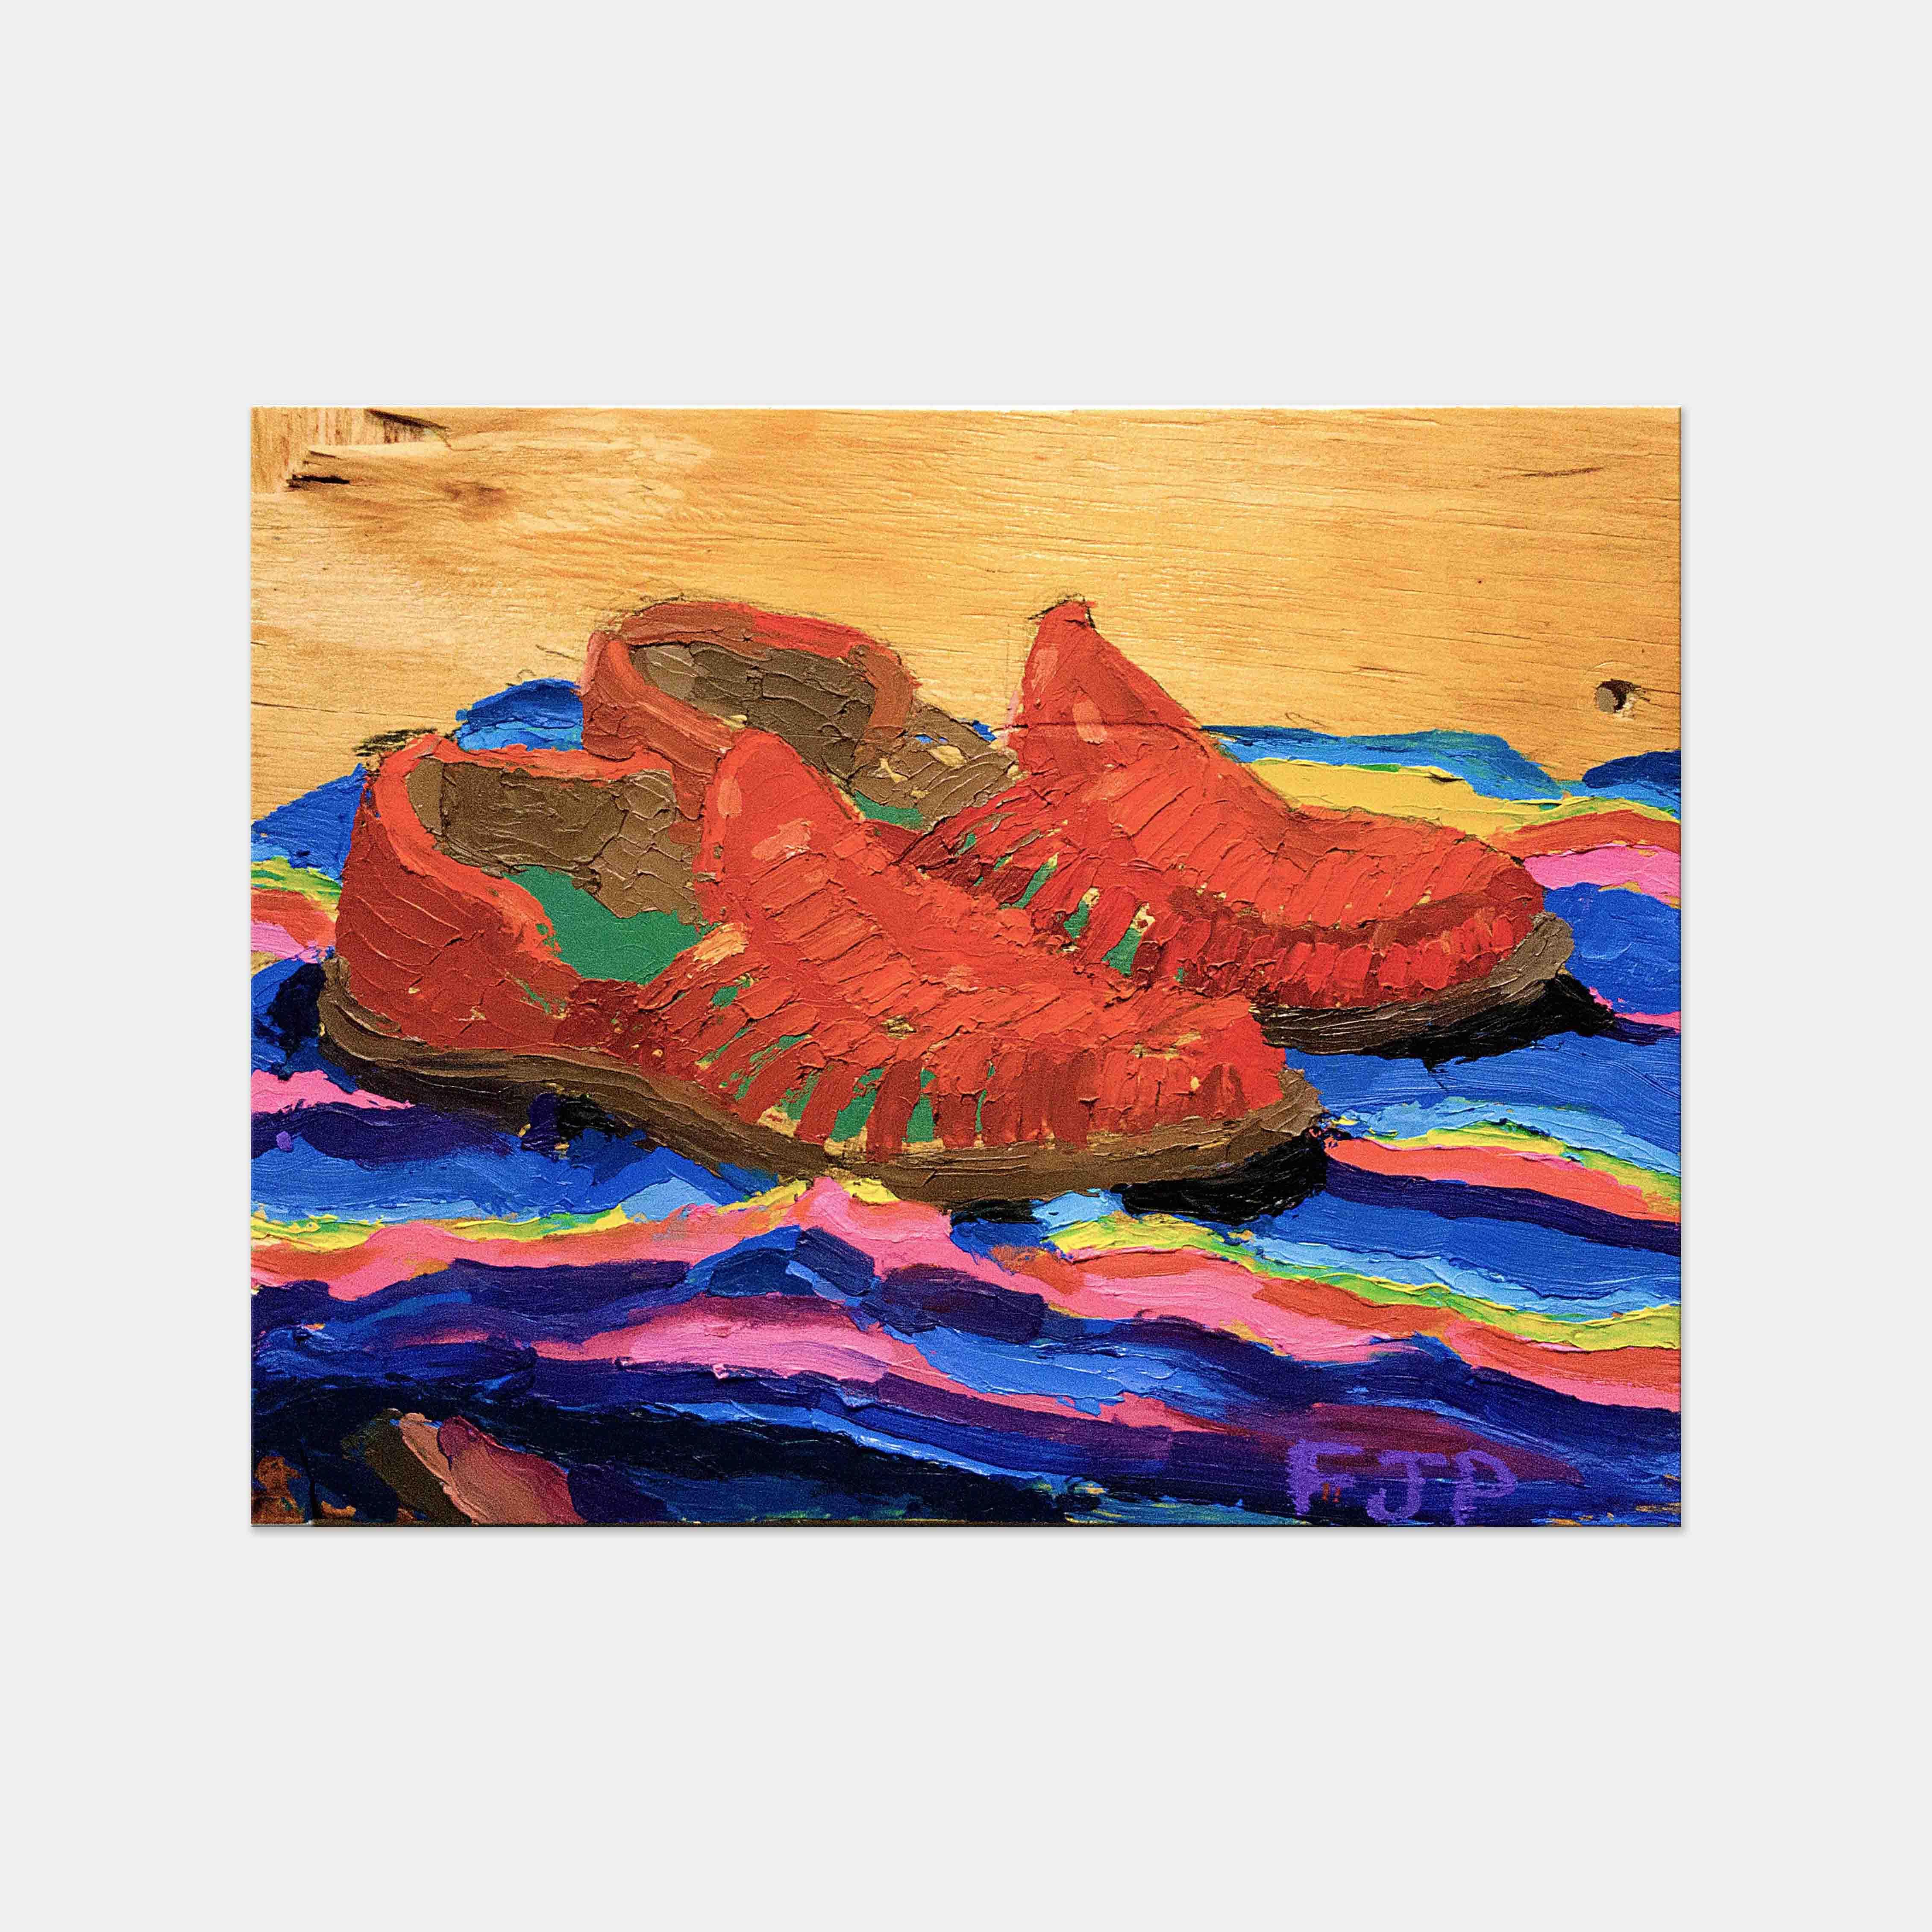 Huaraches (Sandals)